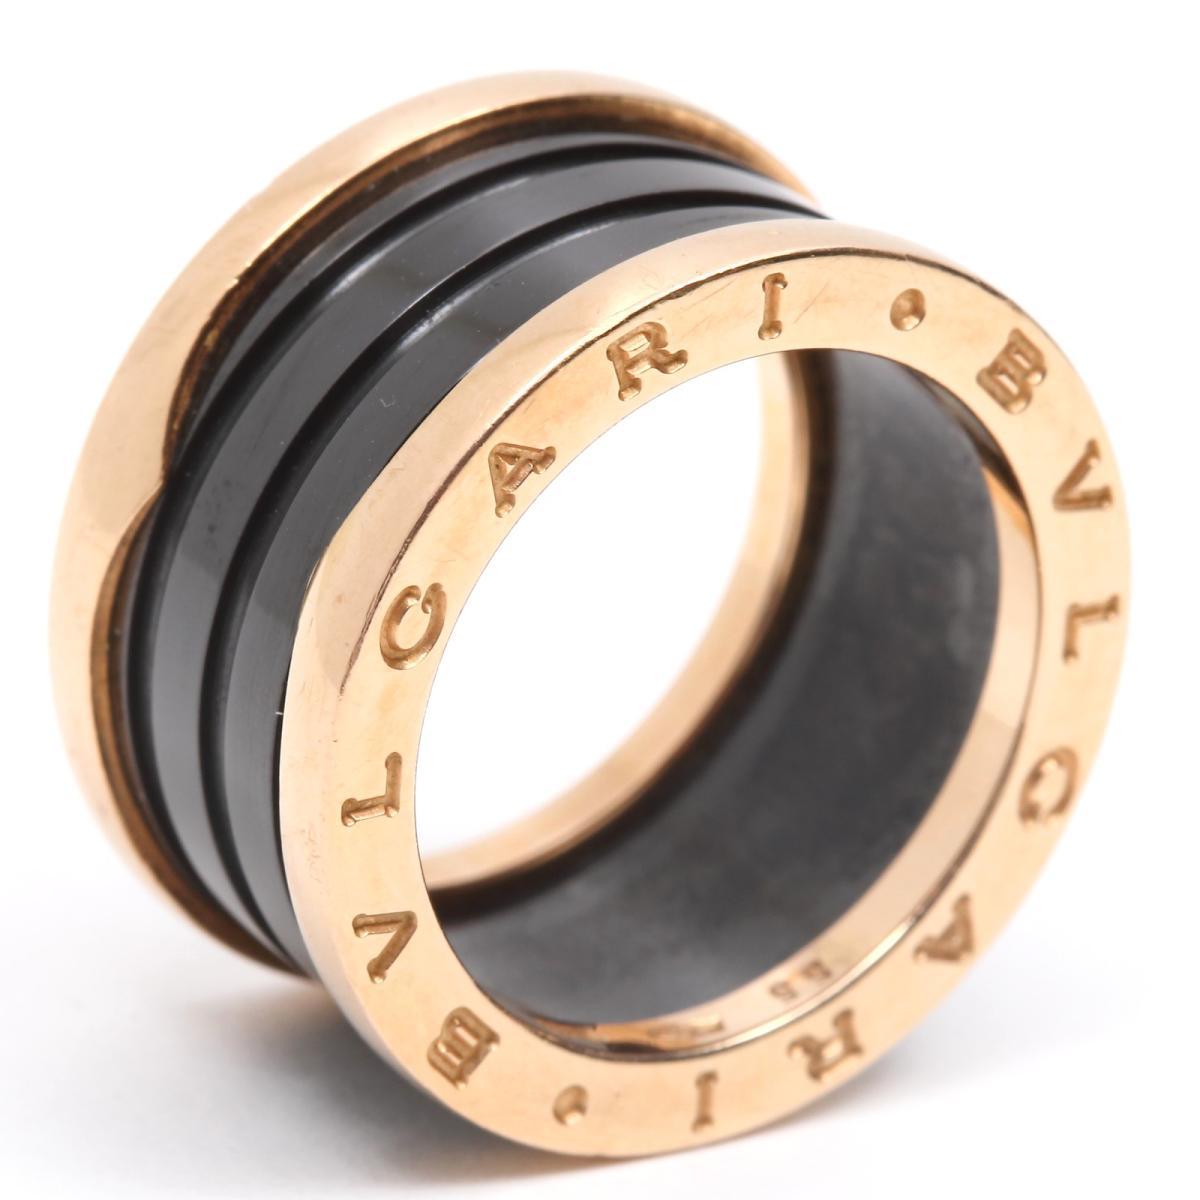 【中古】 ブルガリ B-zero1 リング Mサイズ ビーゼロワン 指輪 レディース K18PG (750) ピンクゴールド x ブラックセラミック   BVLGARI BRANDOFF ブランドオフ ブランド ジュエリー アクセサリー